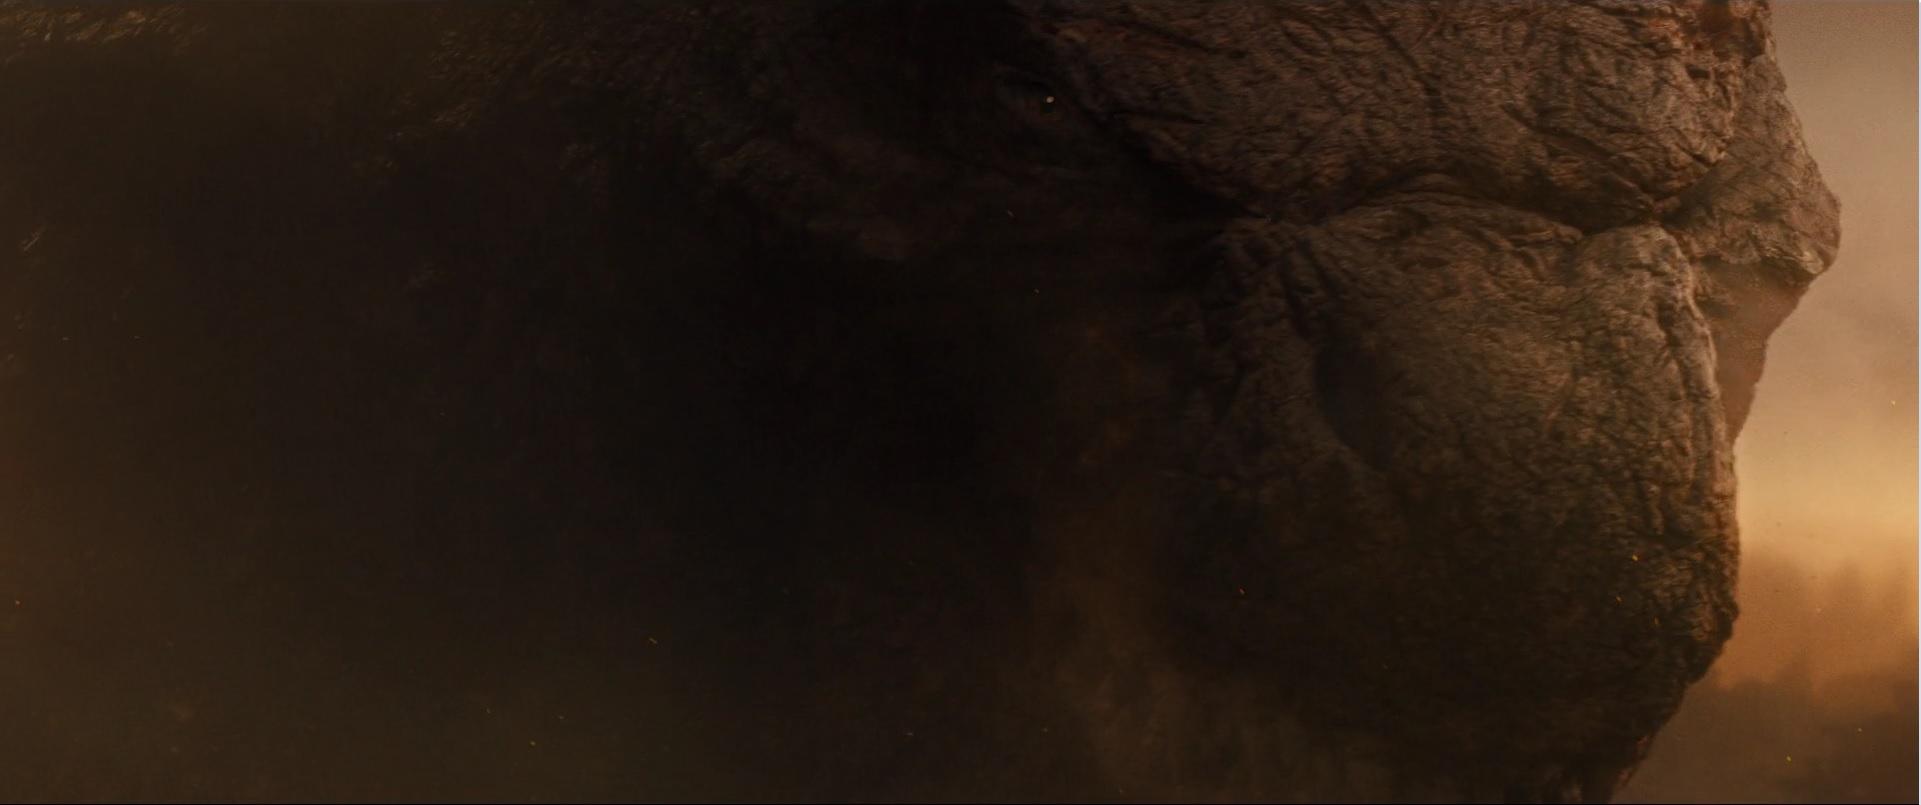 34 Godzilla Snort.jpg